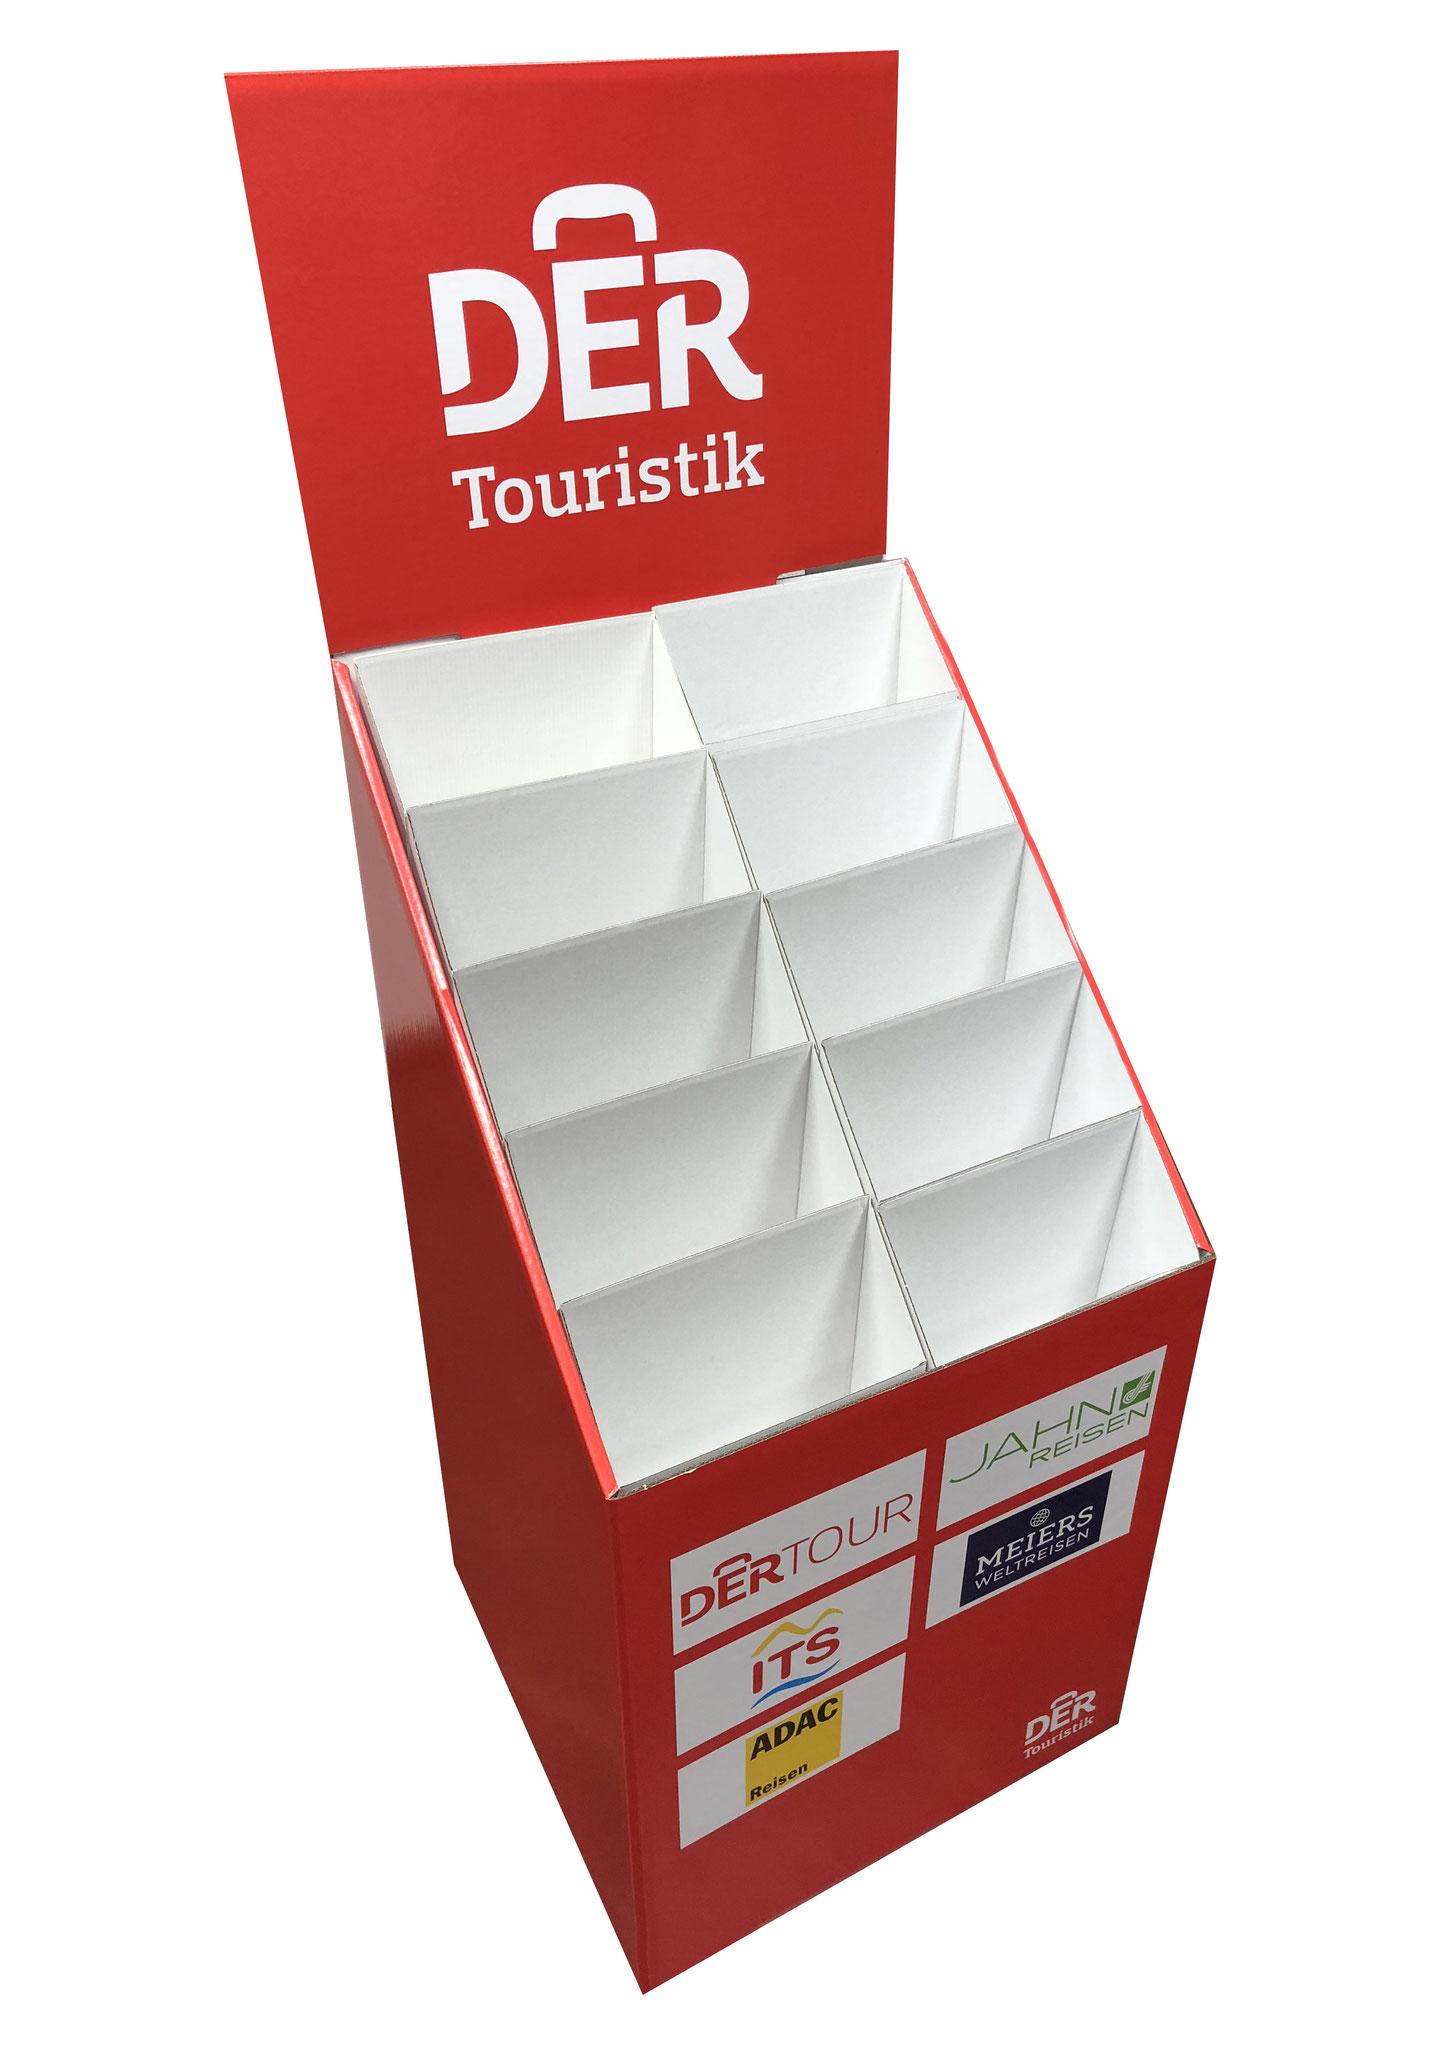 """Bodendispenser """"DER Touristik"""". Display für Broschüren und Kataloge. Wellpappe bedruckt"""